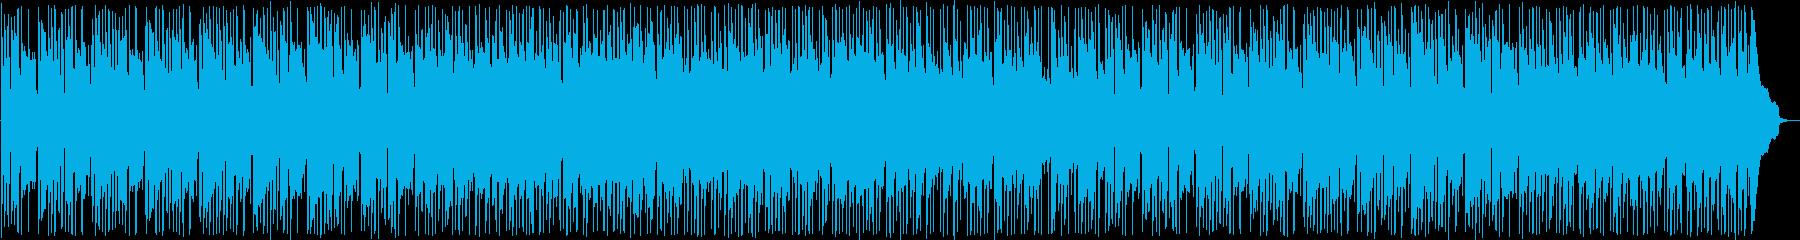 ファンタジーなシンセポップサウンドの再生済みの波形